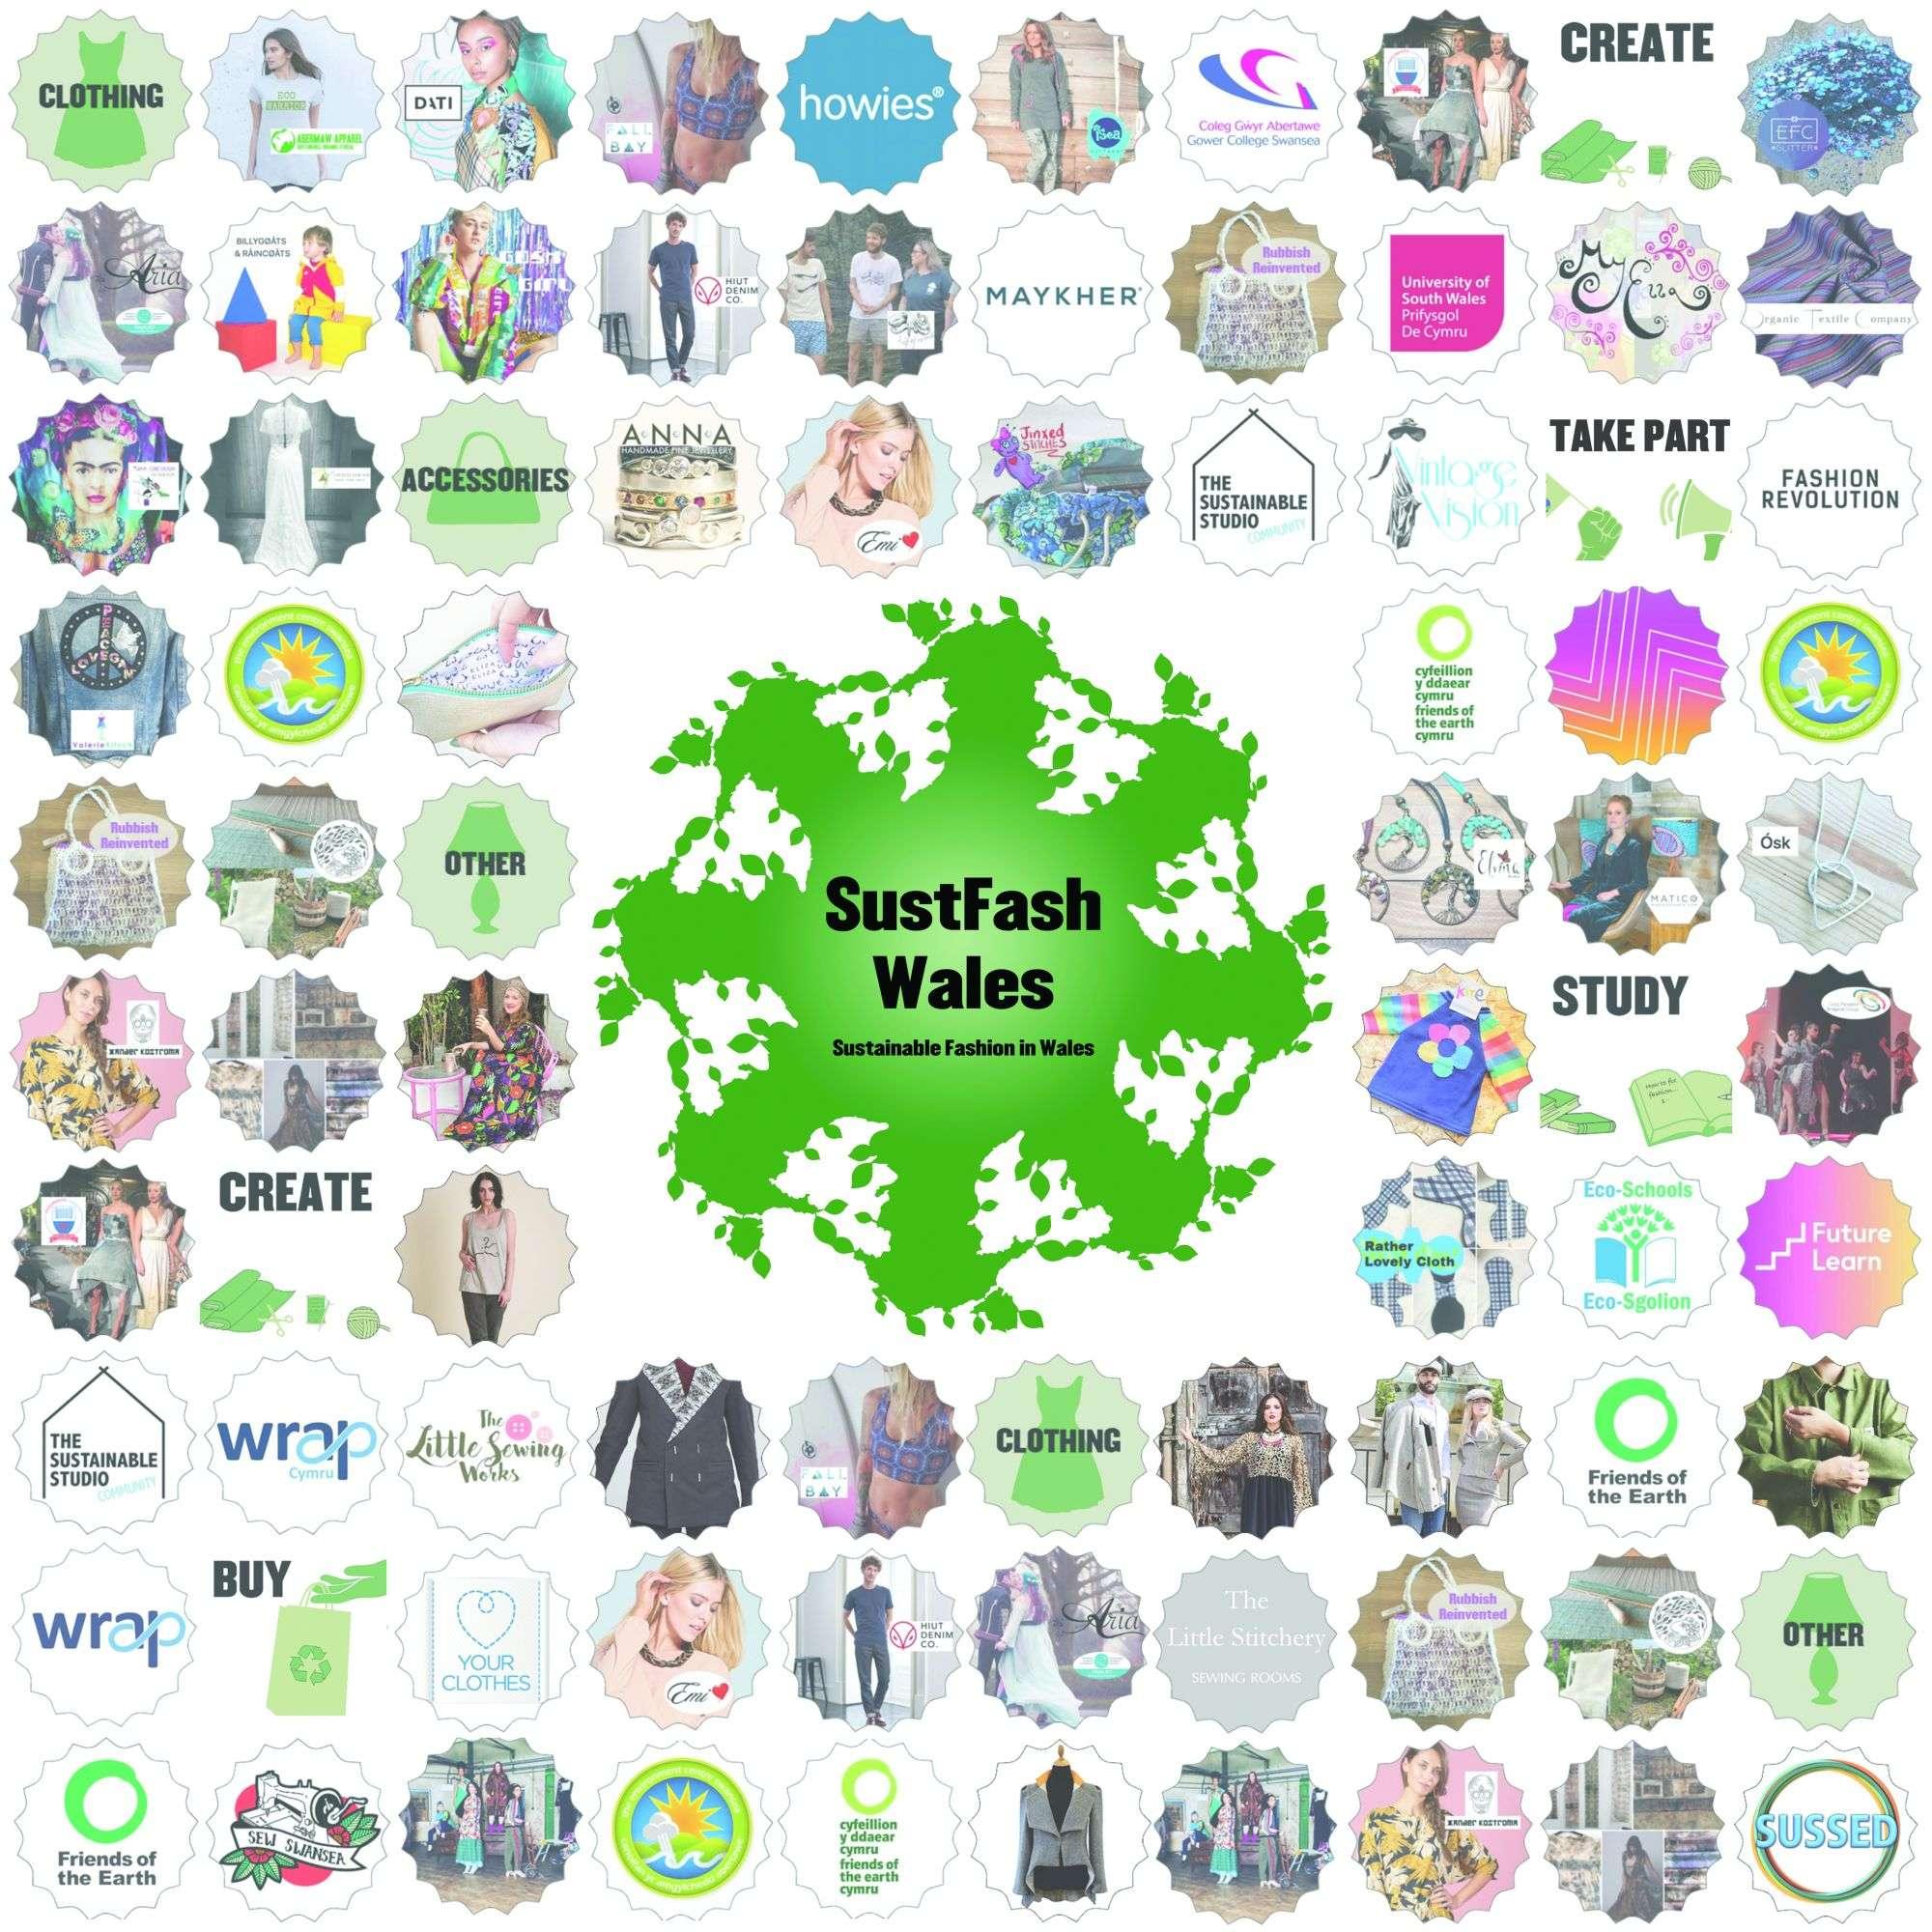 sustfashwales community 2020